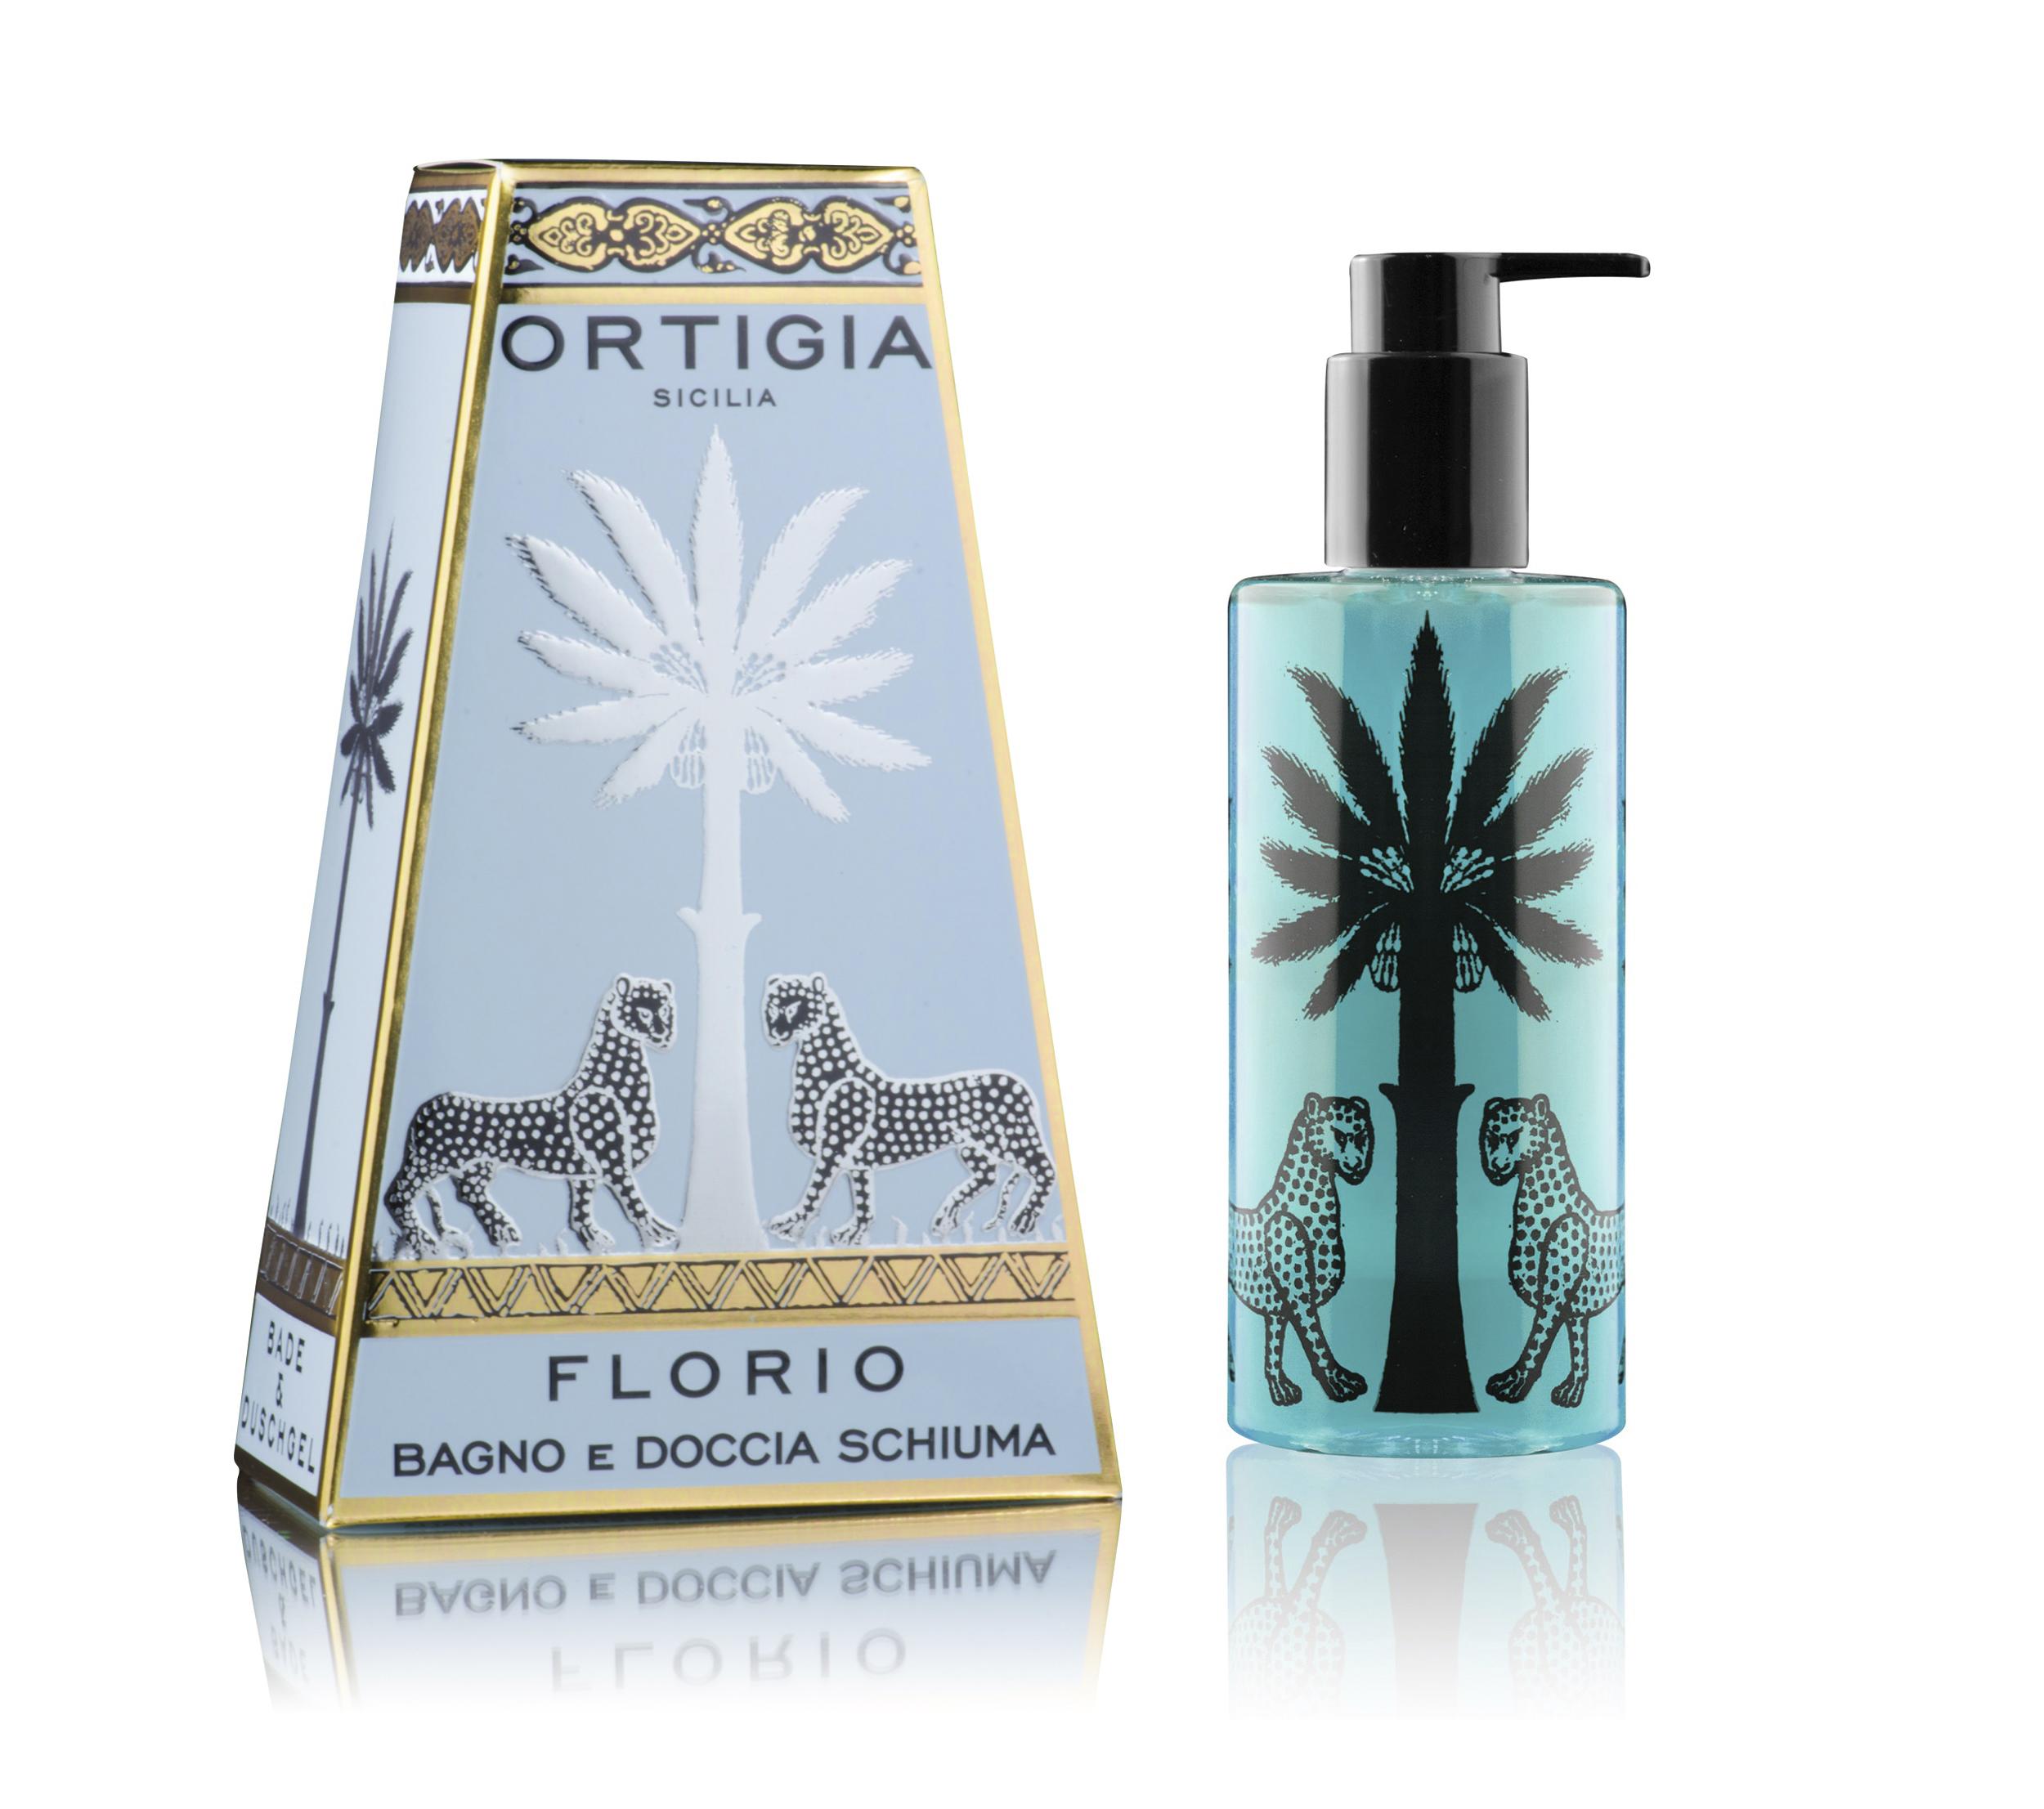 Ortigia Florio D'India Bath & Shower Gel  £26.00